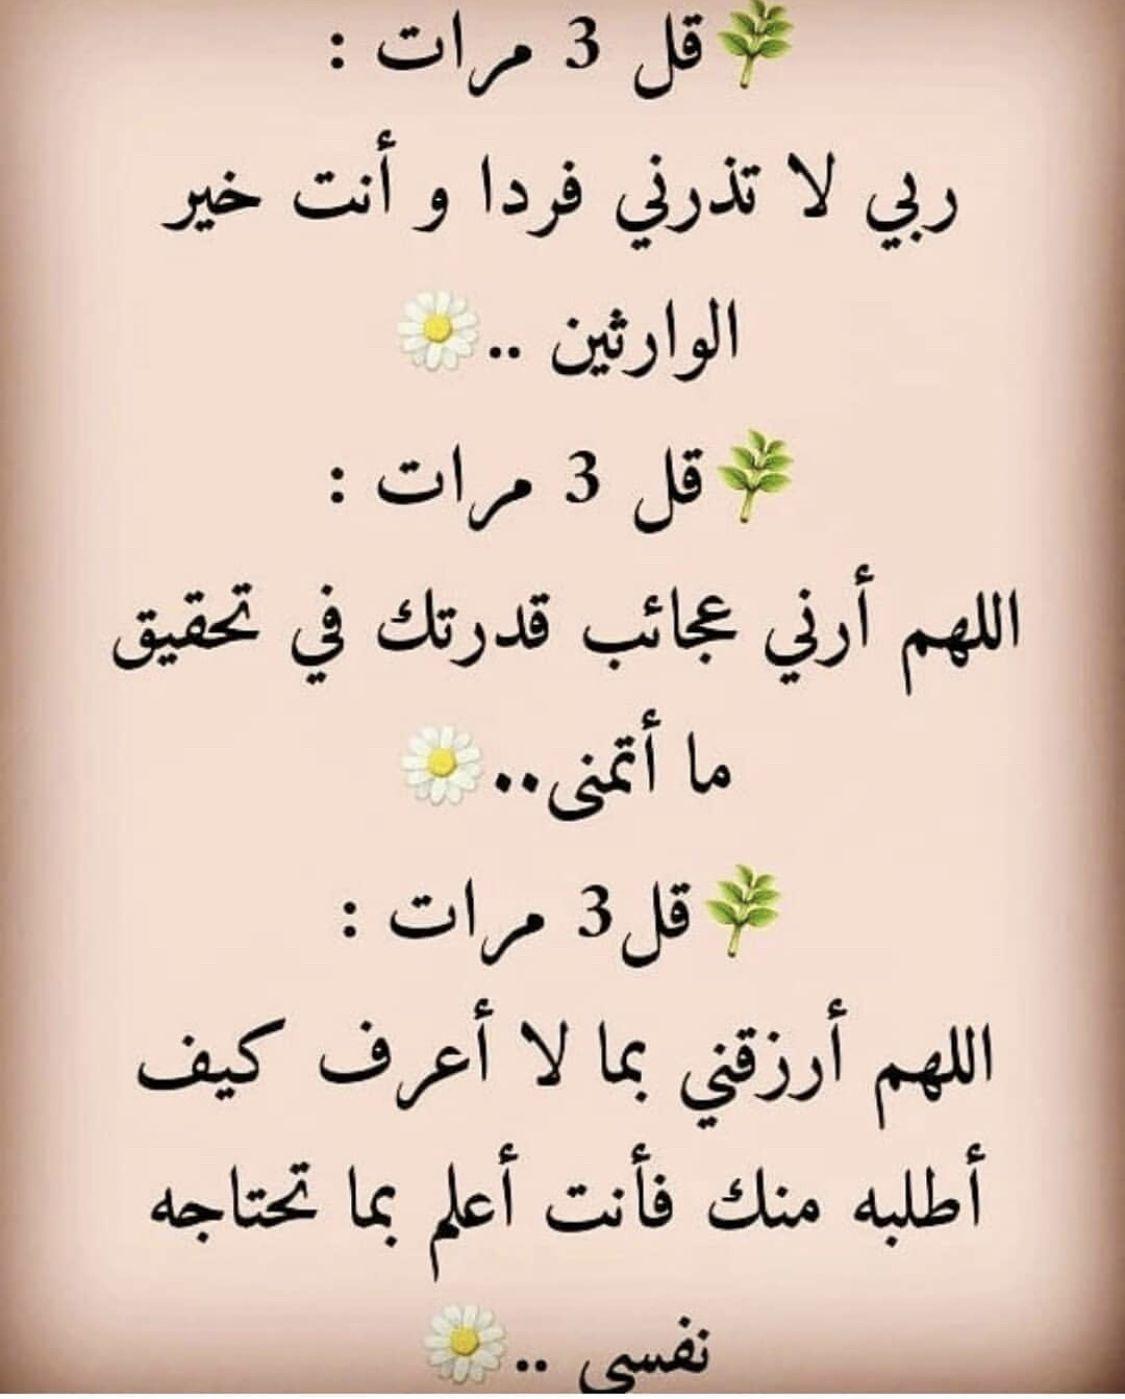 Pin By Doukh Manel On أ د ع ي ة Islamic Love Quotes Islamic Quotes Ramadan Quotes